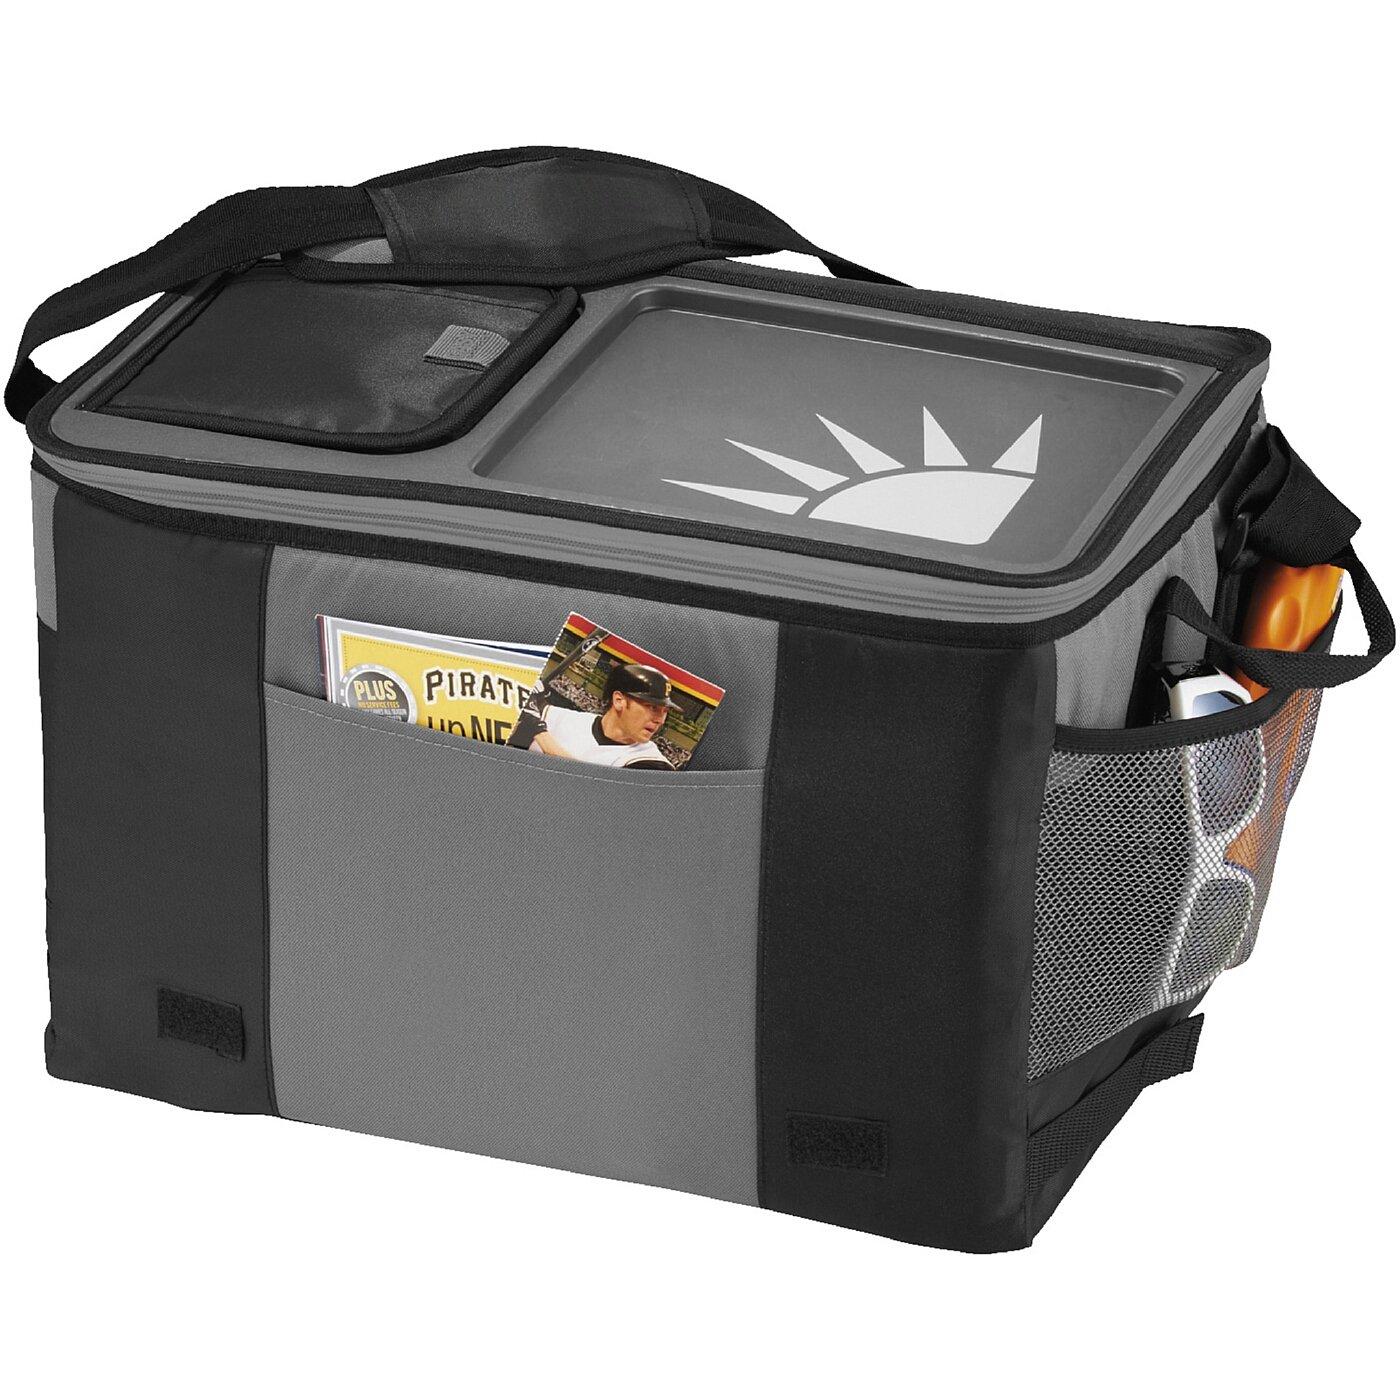 CALIFORNIA INNOVATIONS - Tisch-Kühltasche für 50 Dosen - schwarz